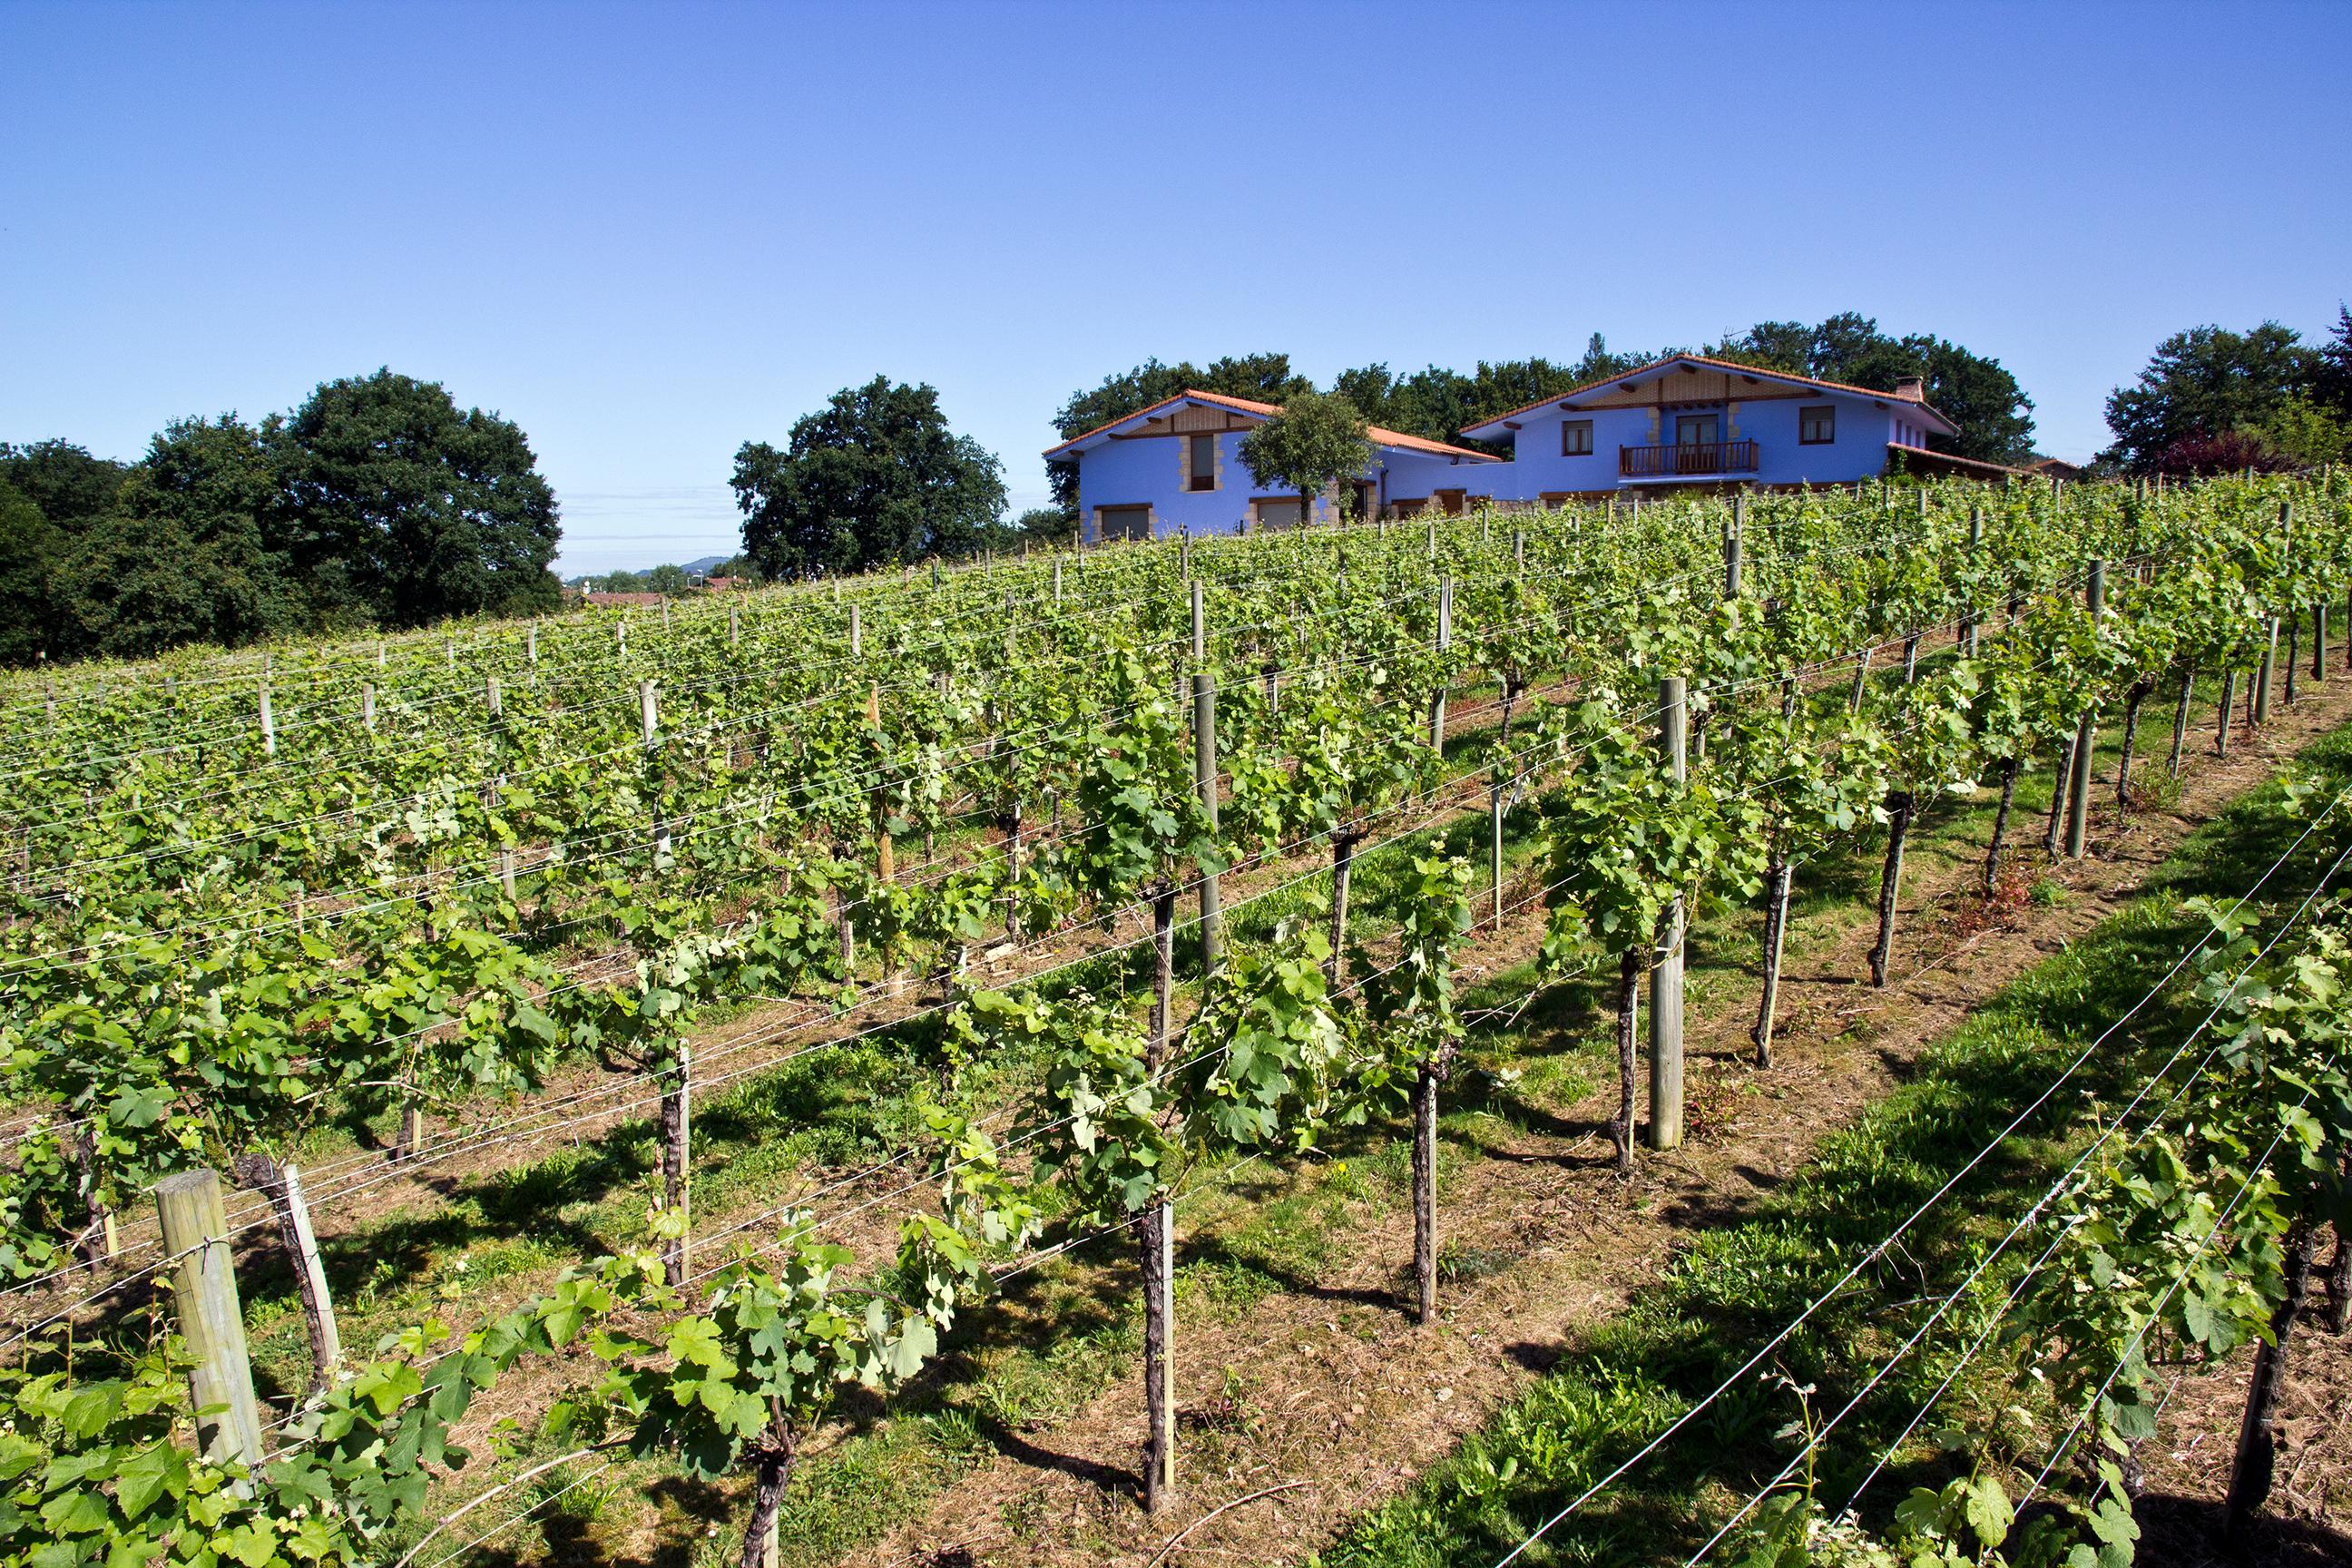 Las variedades de uva en Magalarte Zamudio